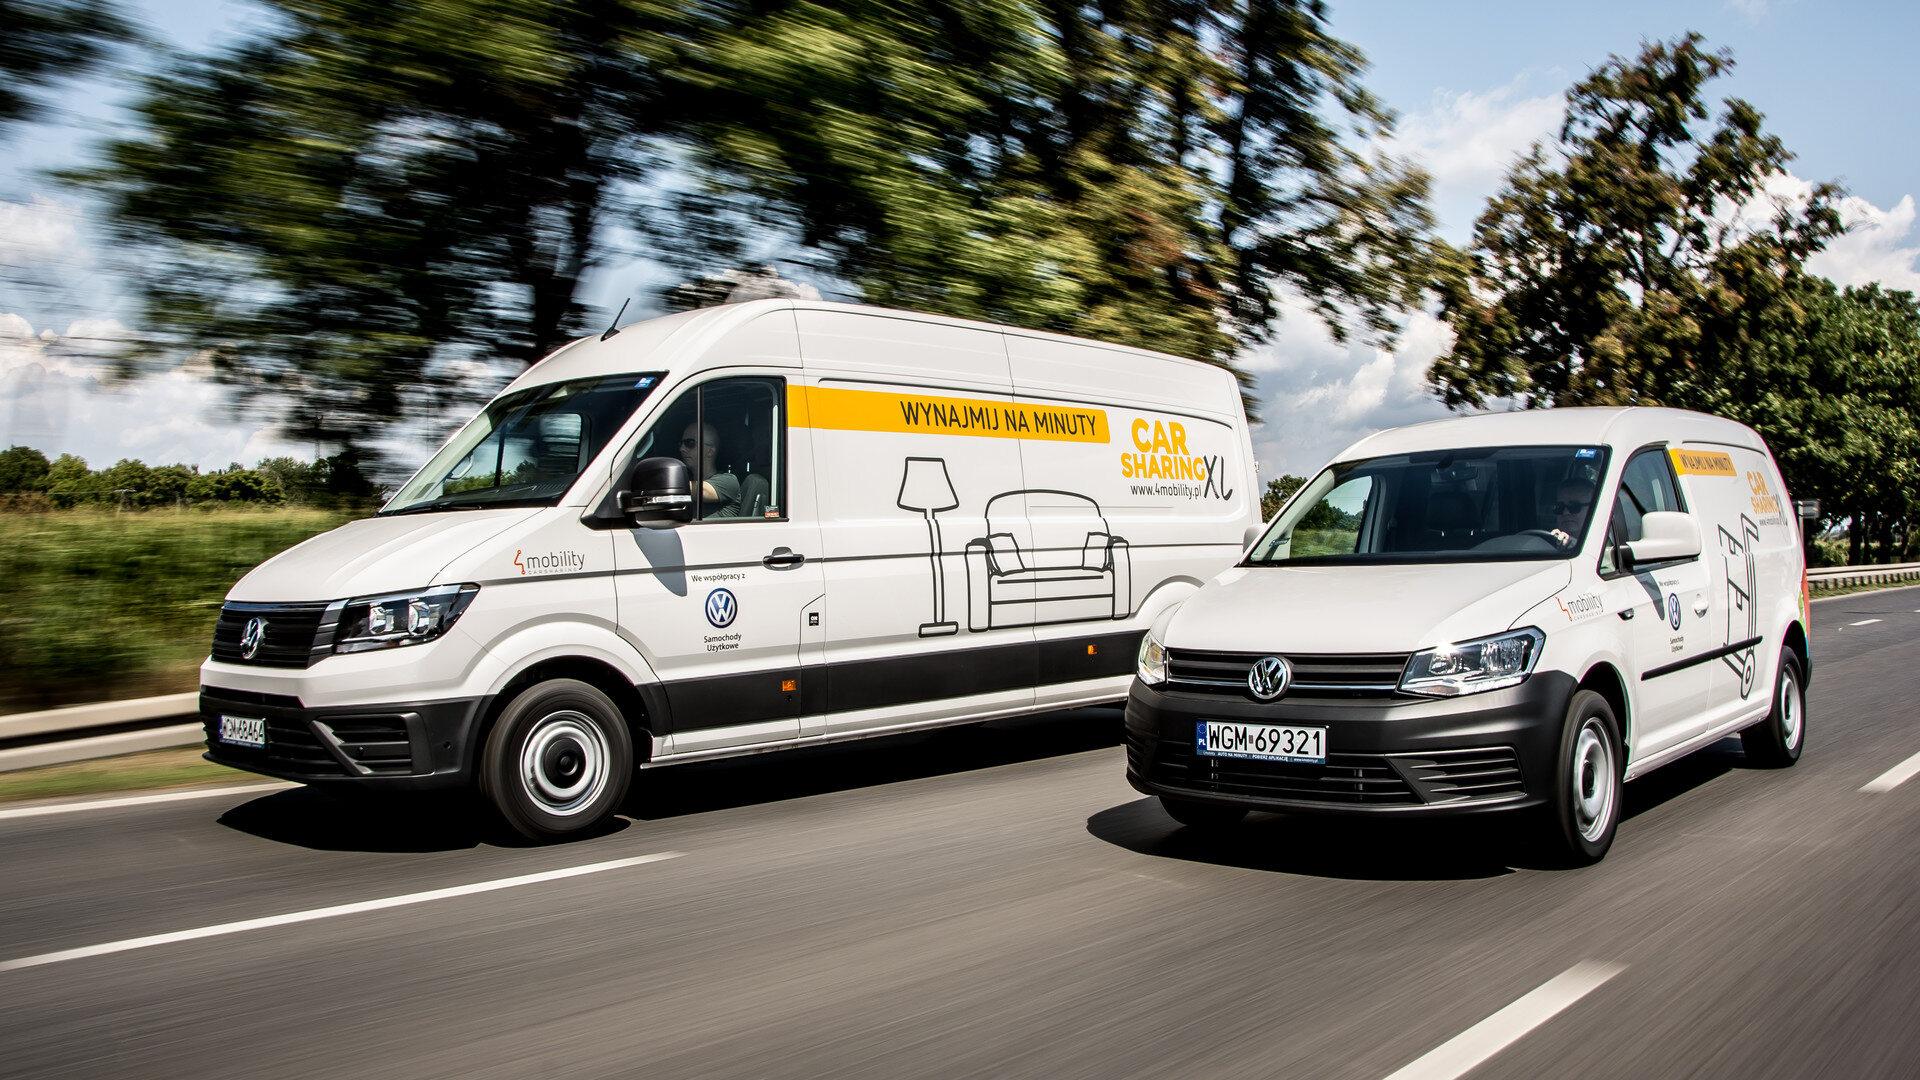 Auta dostawcze na minuty w car-sharingu